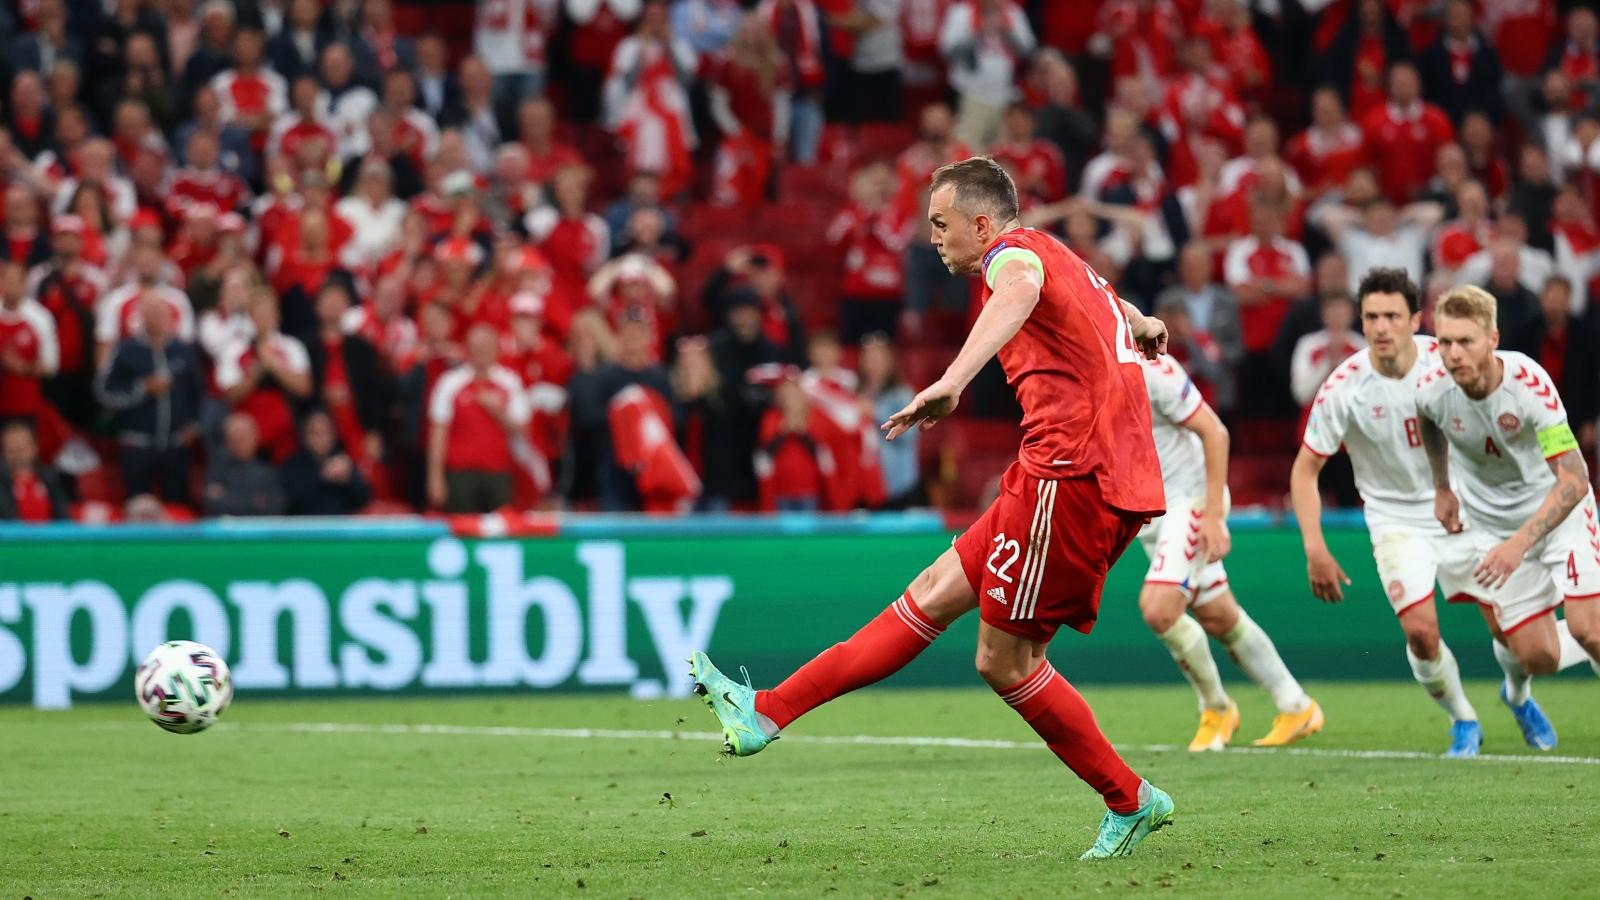 TRỰC TIẾP Nga 1-2 Đan Mạch: Dzyuba đá penalty rút ngắn tỷ số